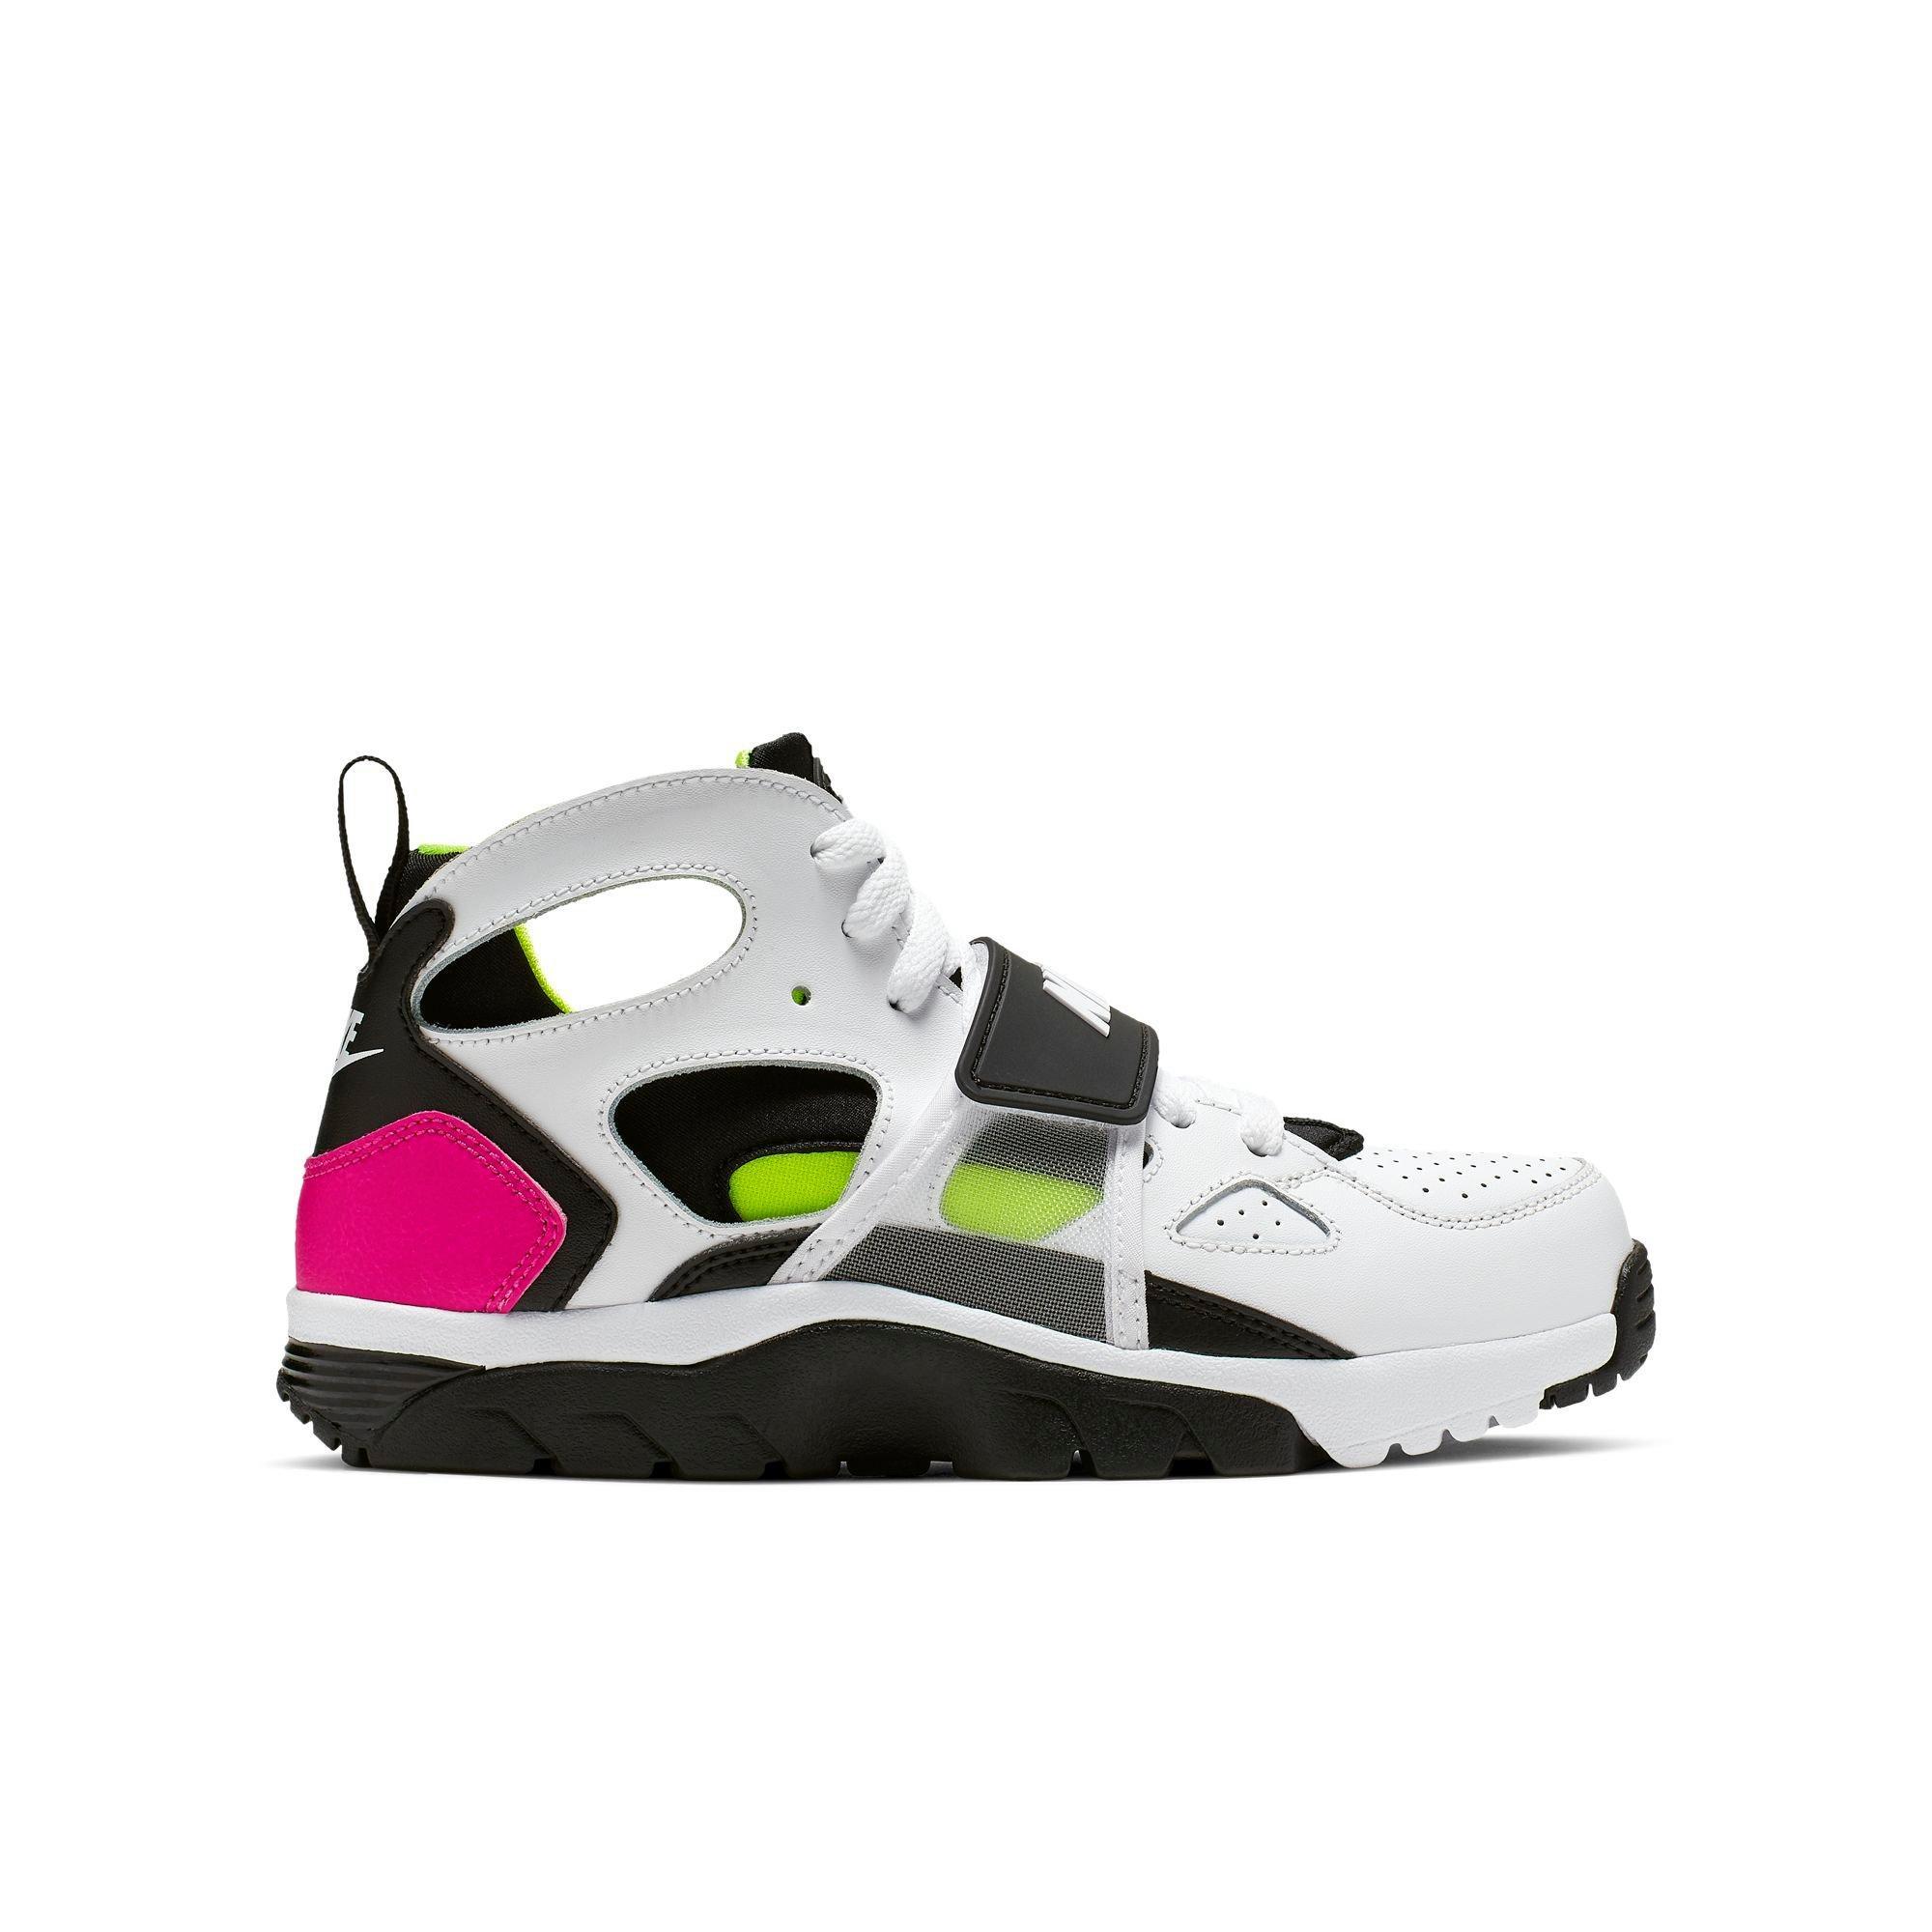 Nike Air Huarache fuxia